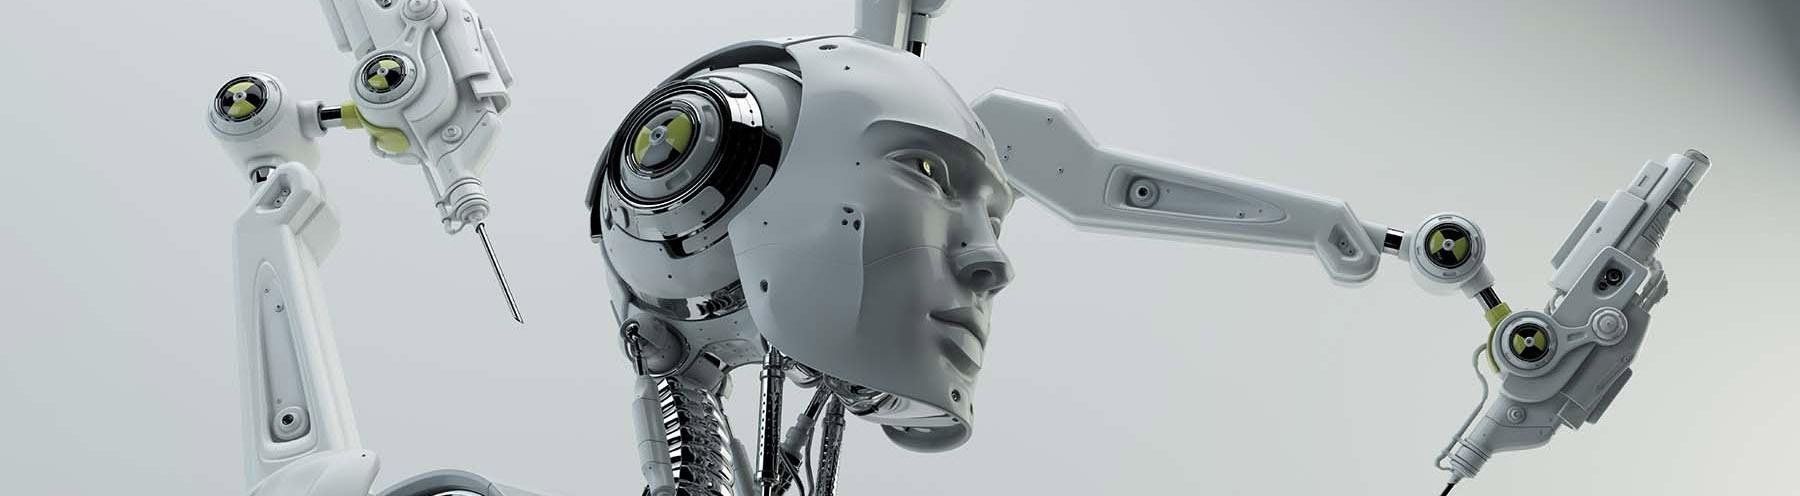 中日机器人专题